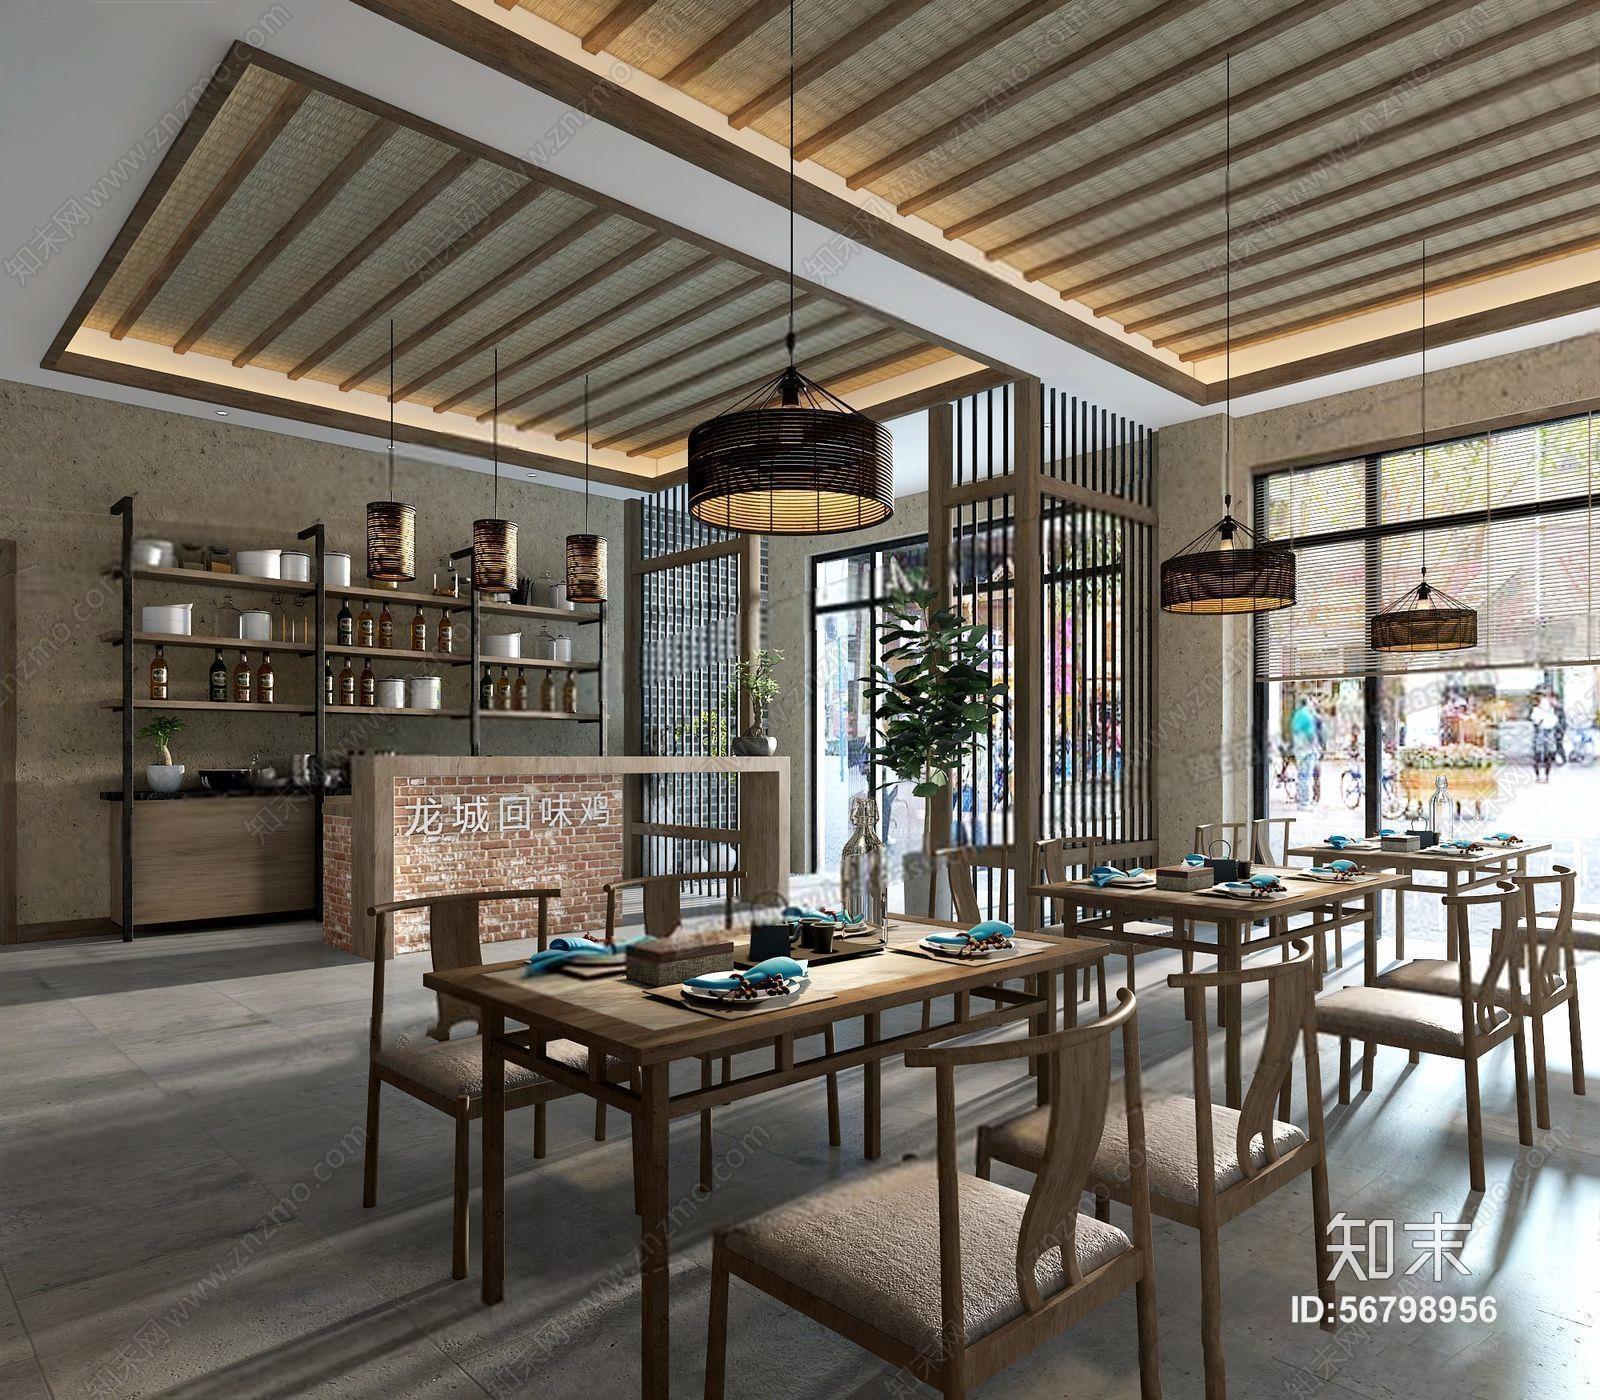 新中式餐饮大厅 新中式餐饮空间 收银台 吧台 明档 餐桌椅 隔断 酒架